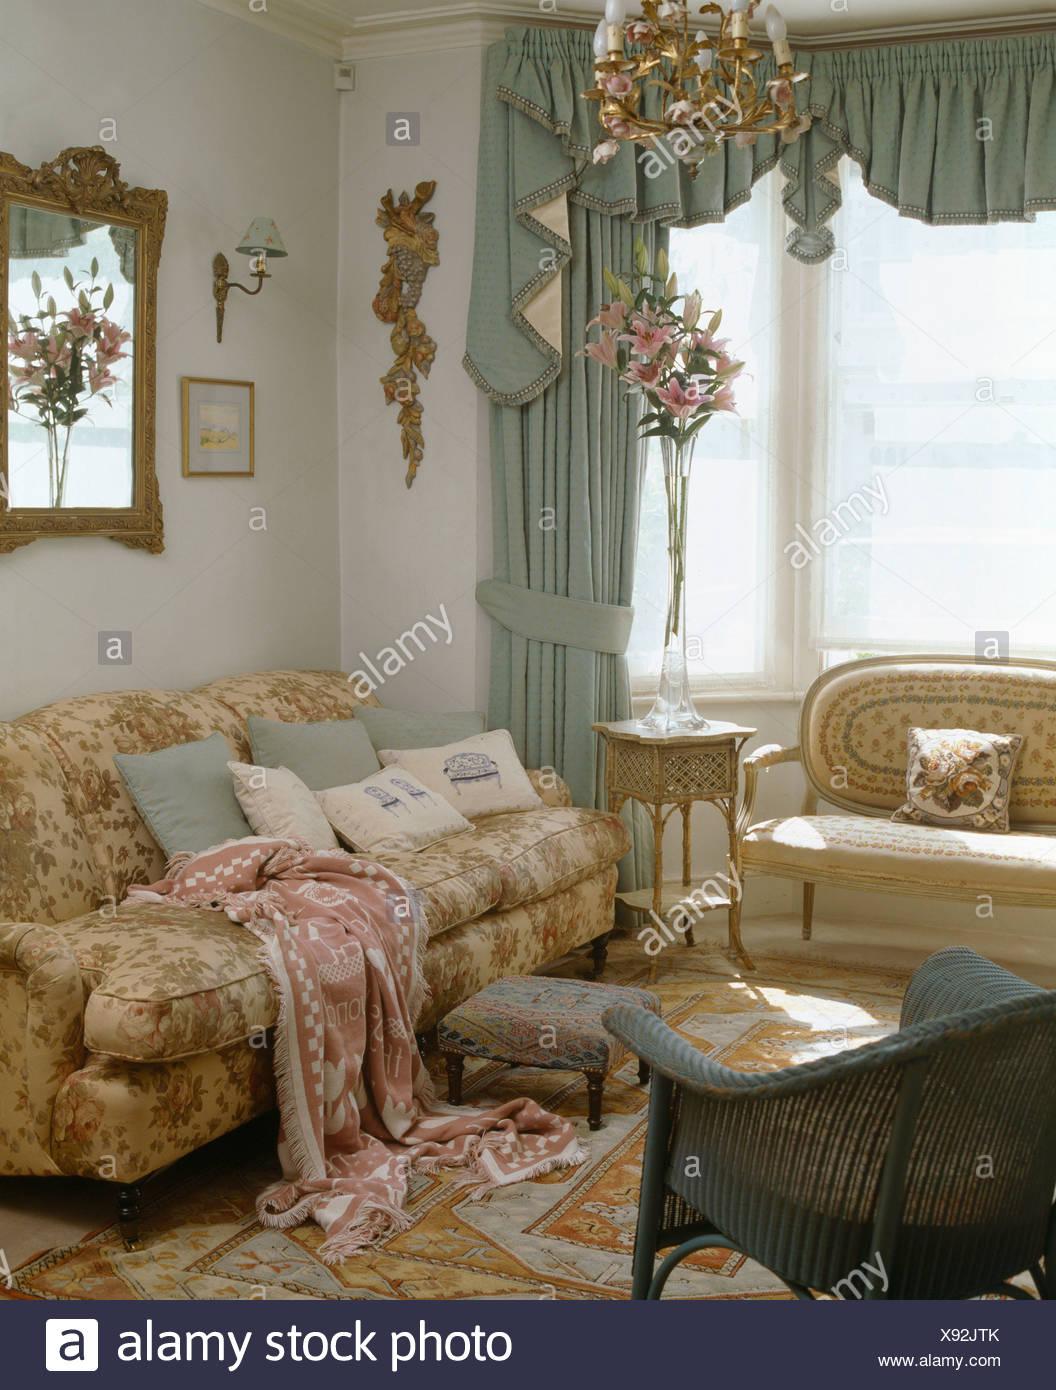 Pastell Grun Swagged Vorhange Am Fenster Im Wohnzimmer Mit